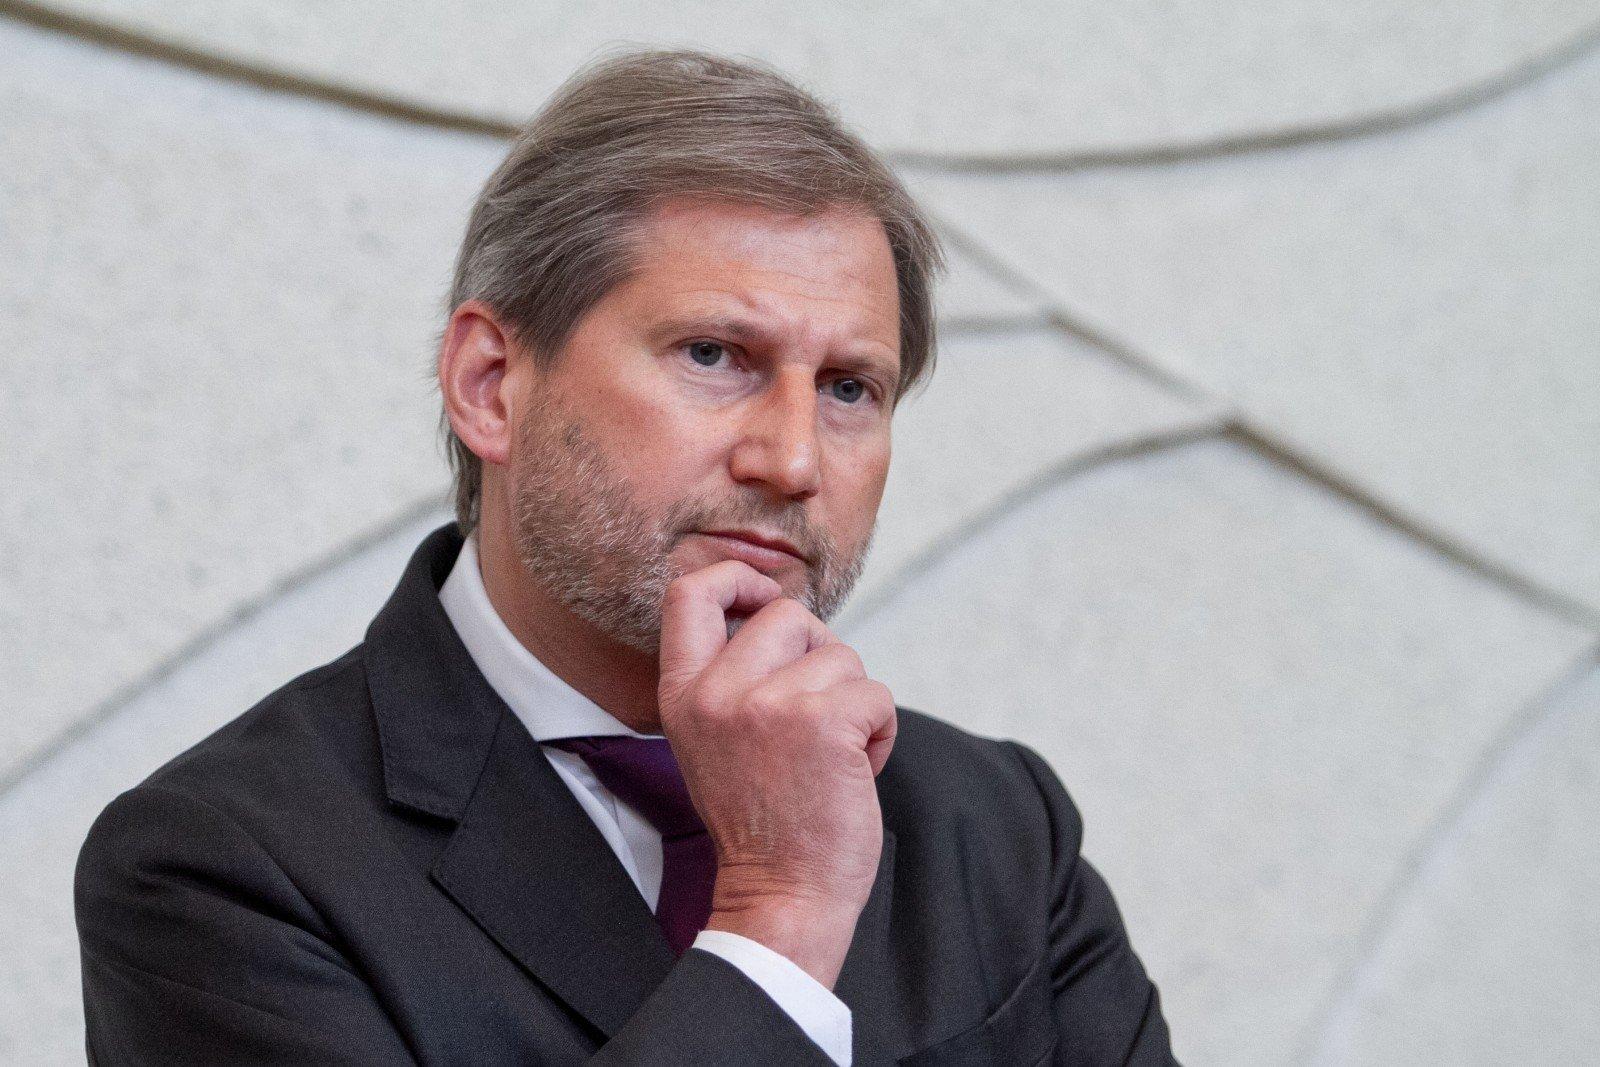 Еврокомиссар Хан предсказывает окончательное решение обезвизовом режиме для Украинского государства осенью 2016